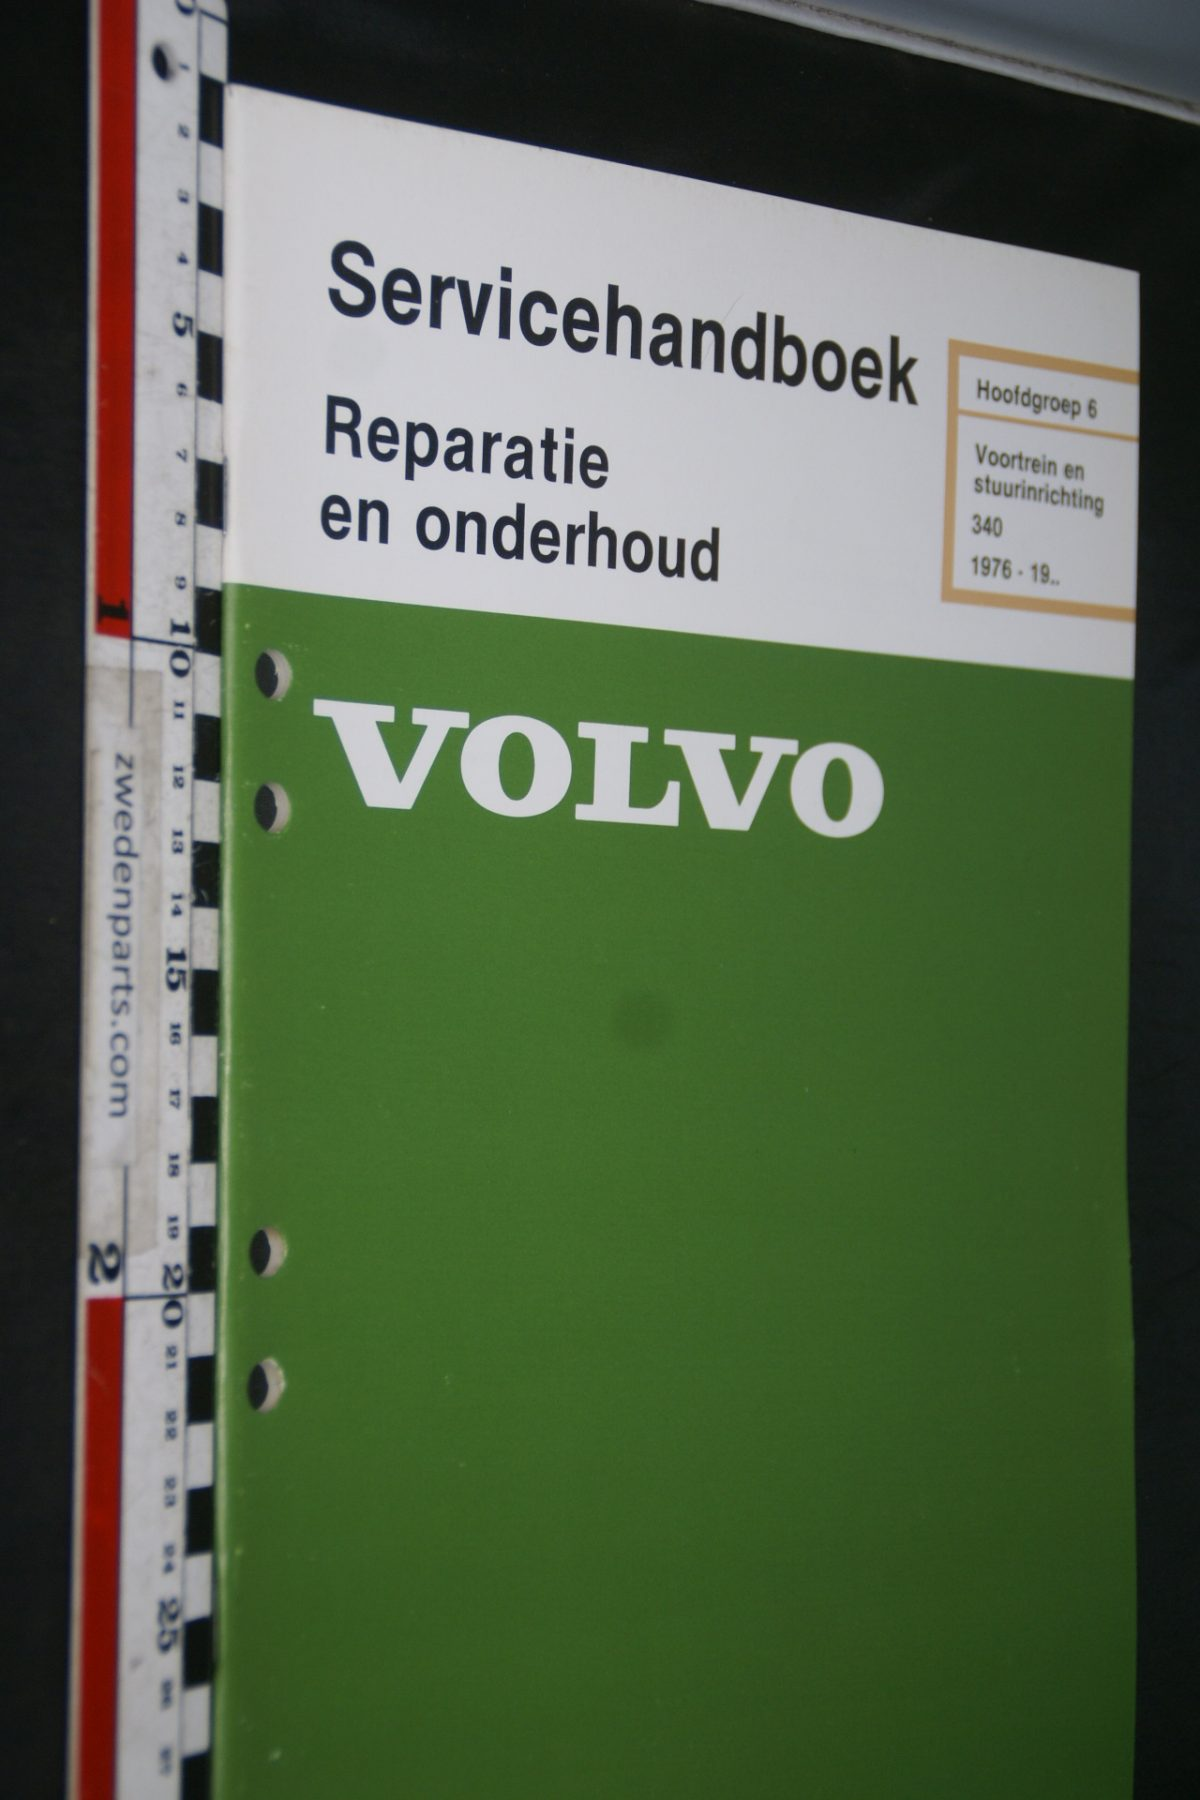 DSC06810 1981 origineel Volvo 343 servicehandboek 6 voortrein en stuurinrichting 1 van 800 TP 12165-2